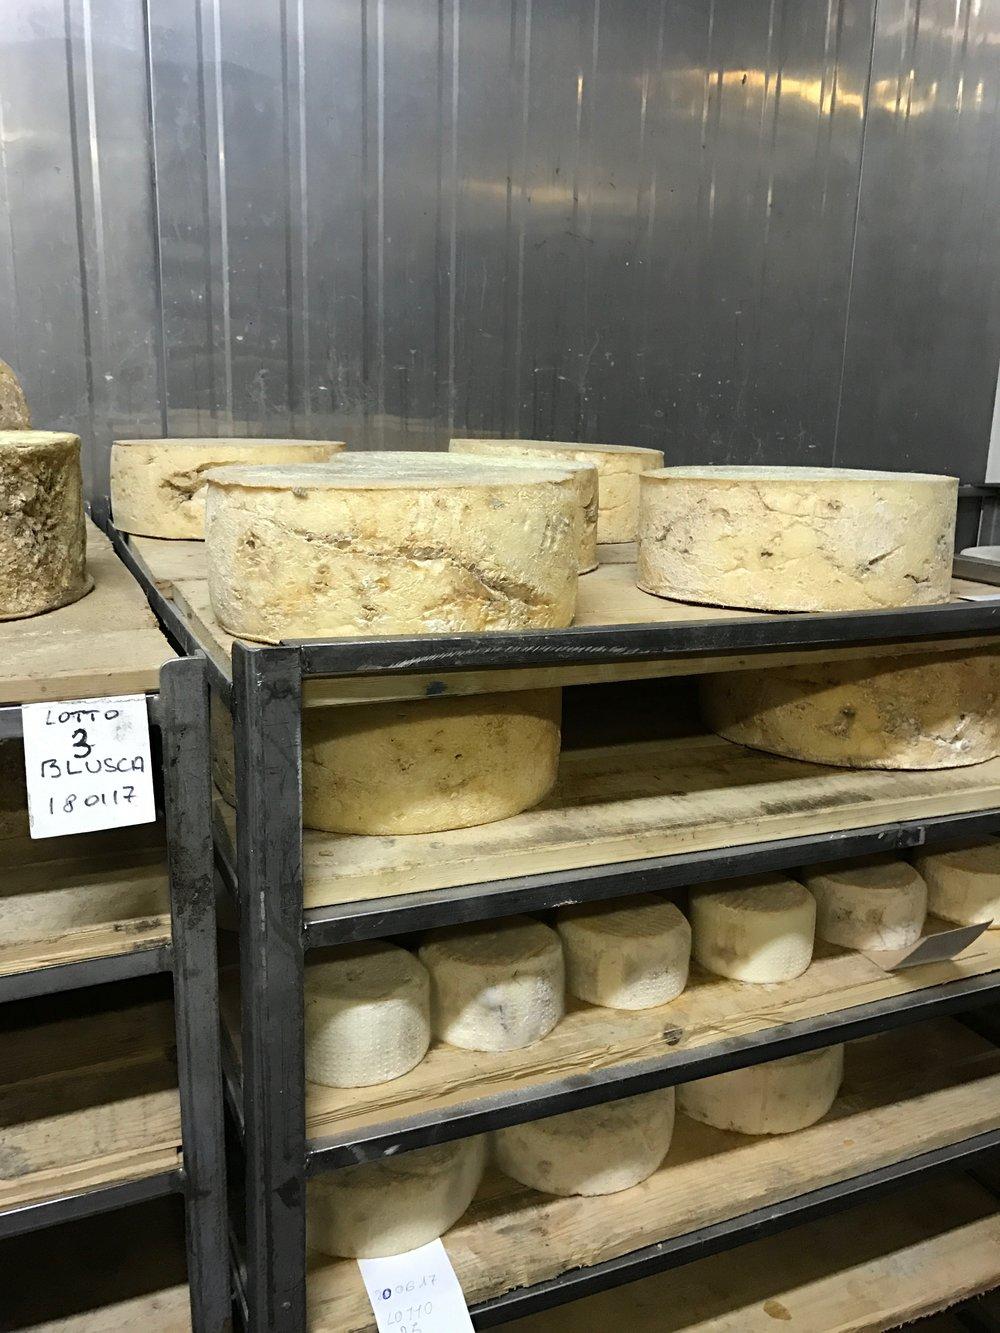 Toia heeft nog meer kaas voor het kiezen